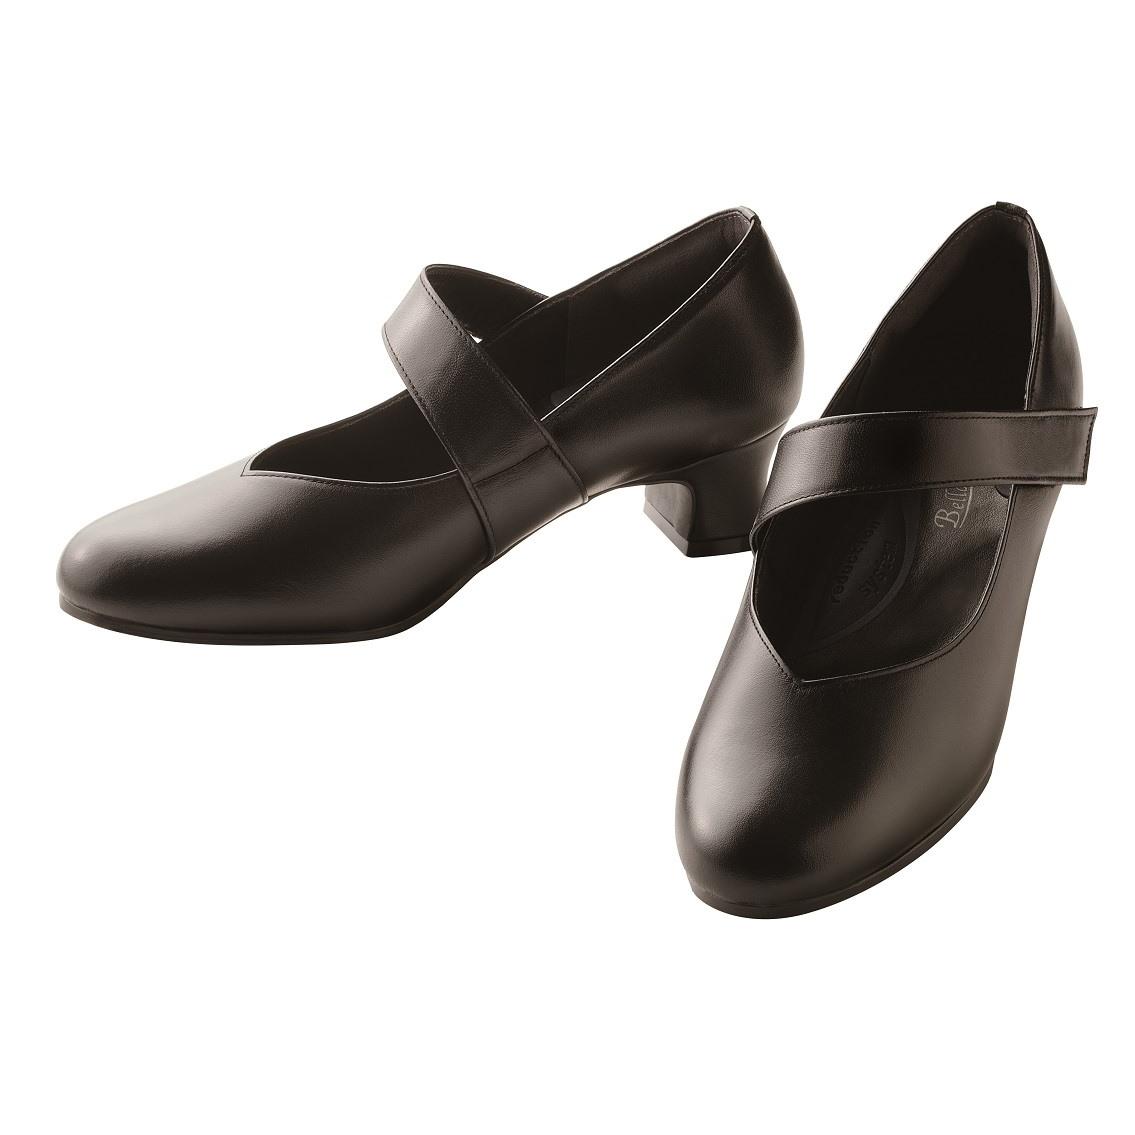 【大感謝価格 】足のプロが考えた 足が楽なパンプス ブラック 22.5/23.0/23.5/24.0/24.5cm